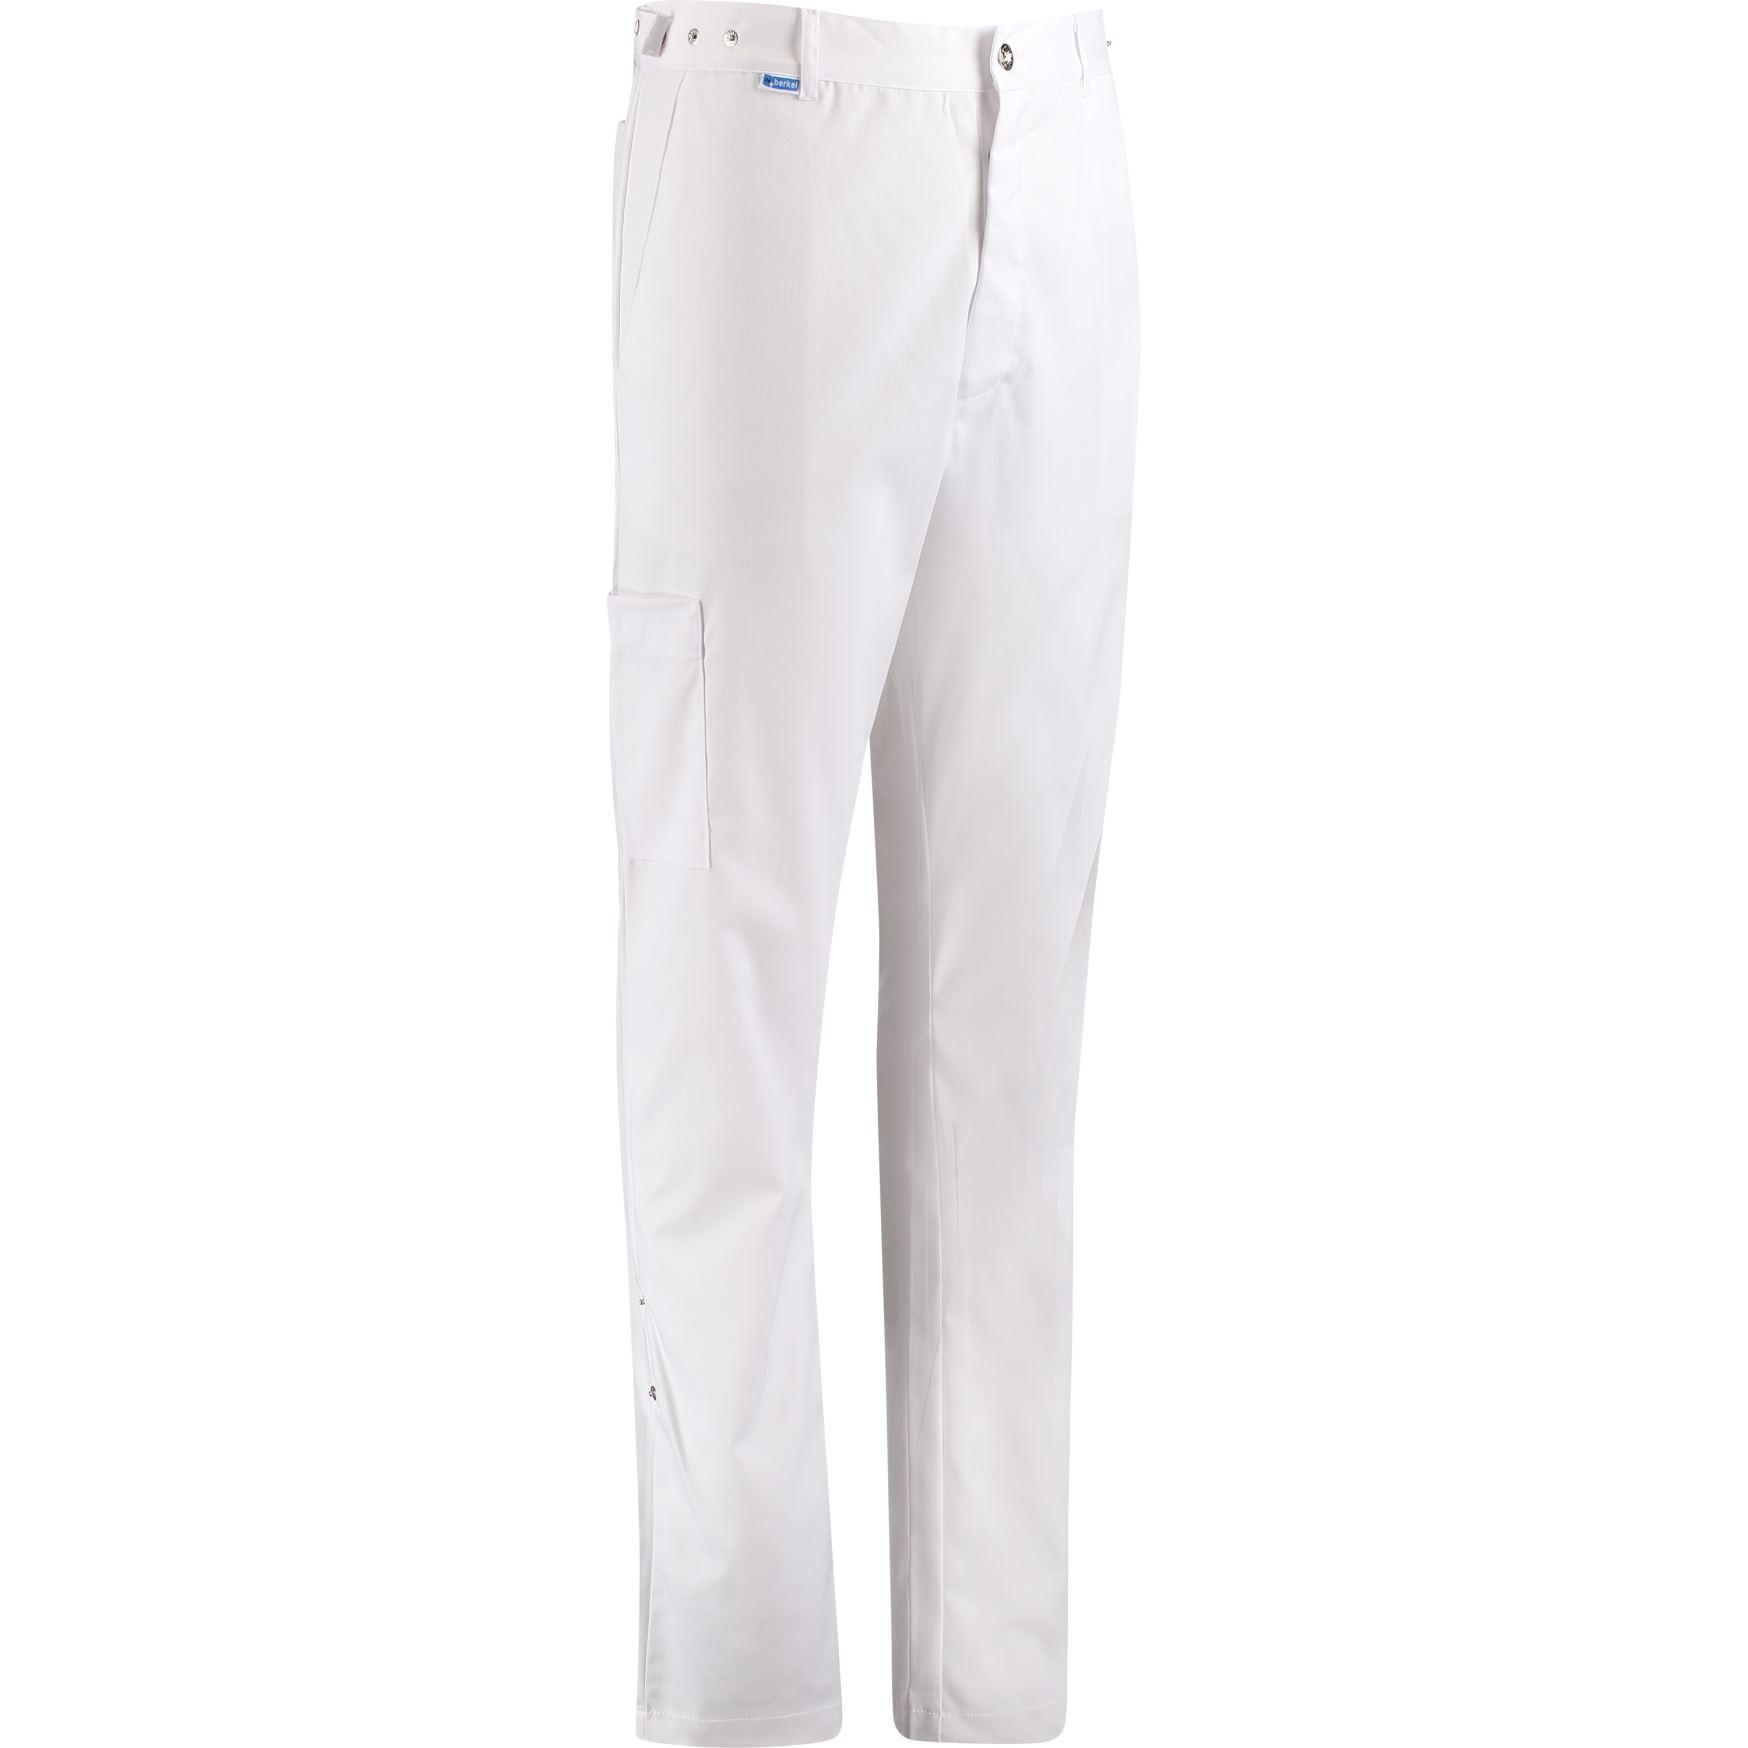 De Berkel Pantalon Trudo